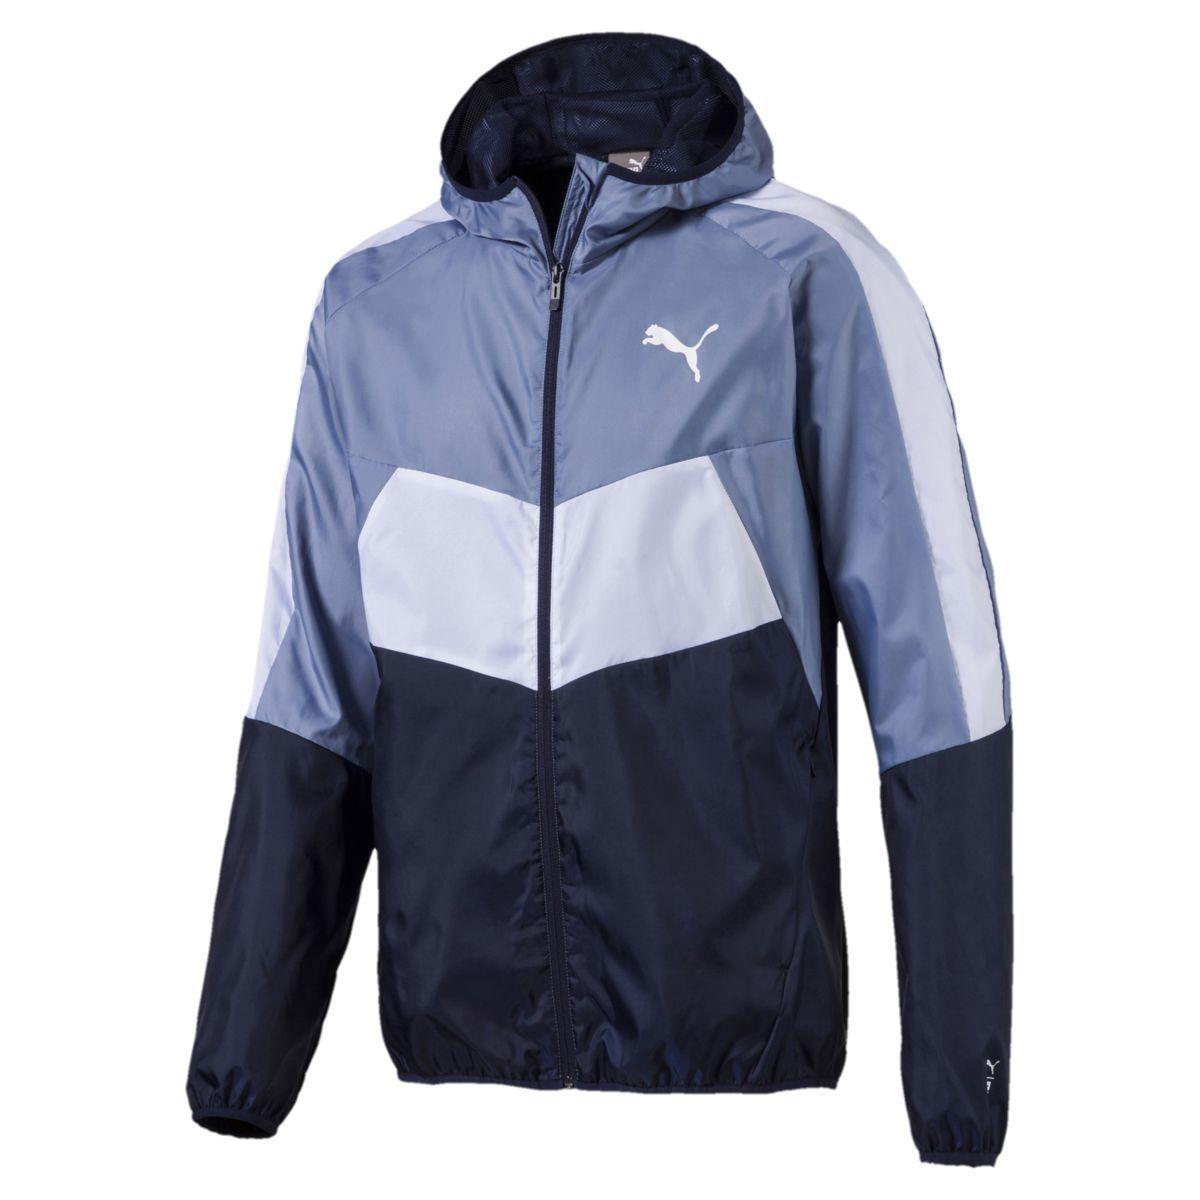 Puma Men's Essential Windbreaker Jacket - Black, L